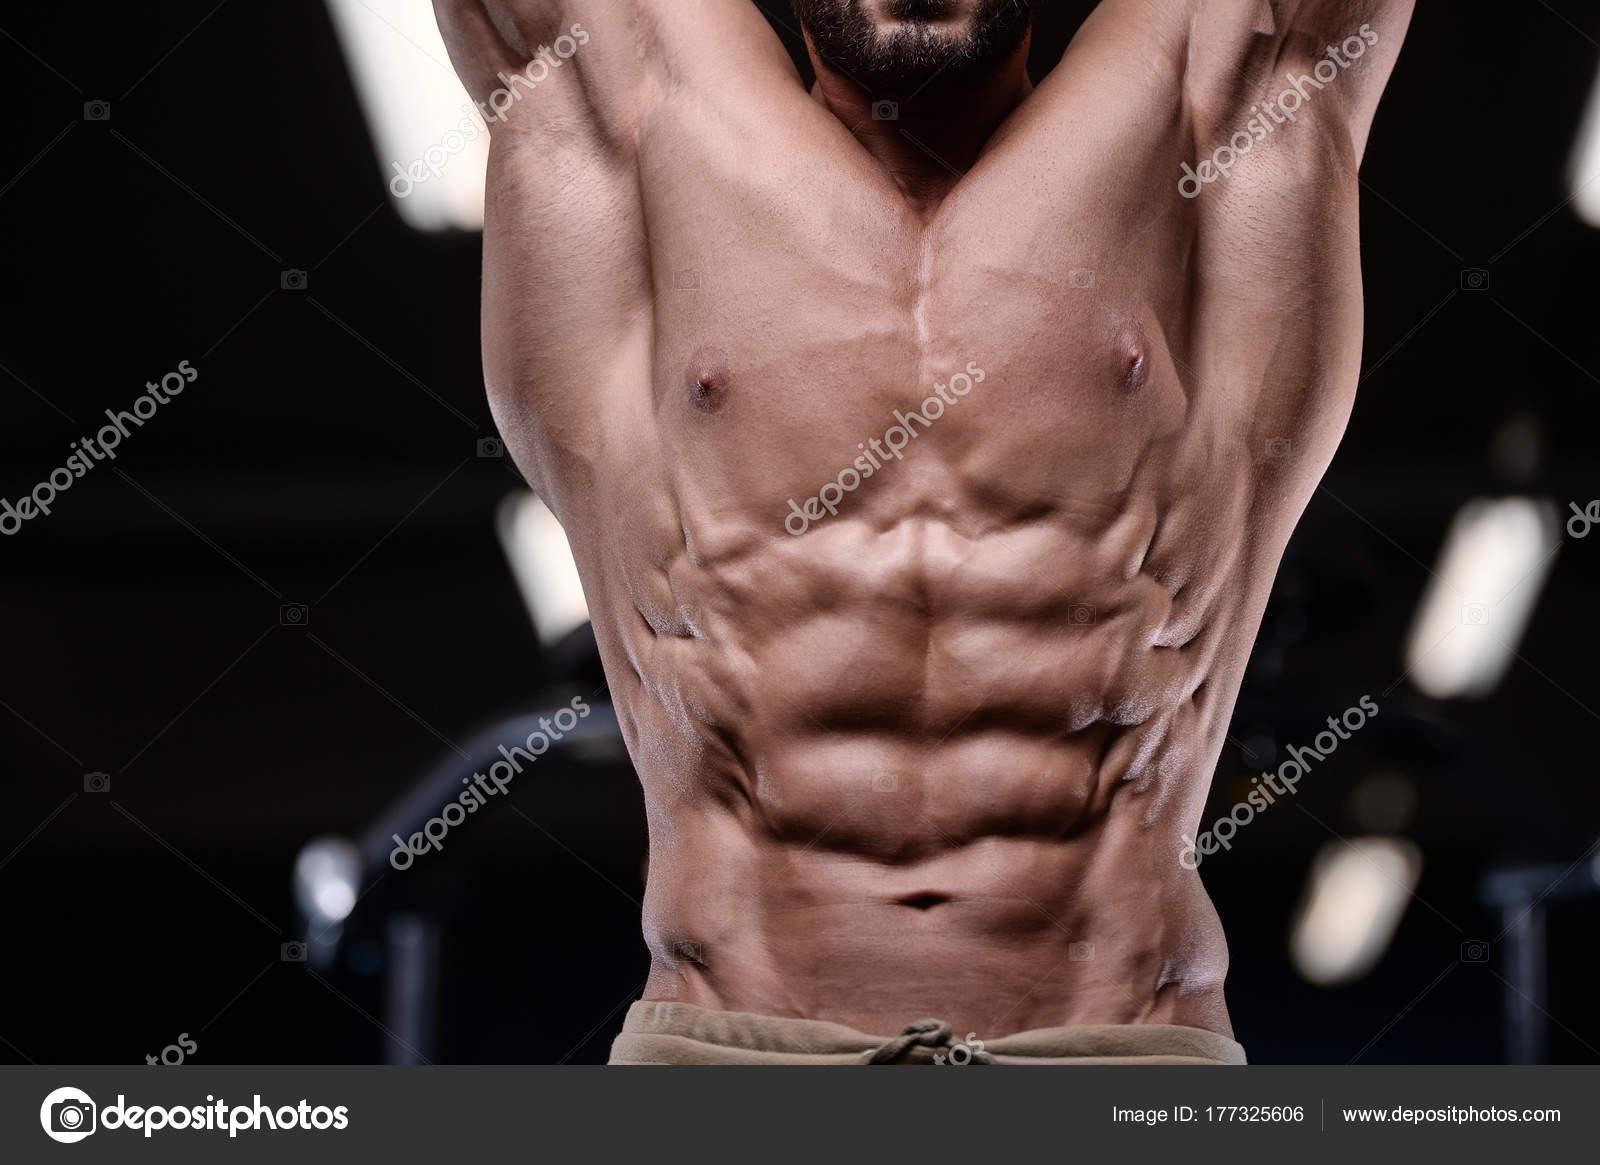 Сексуальные мышцы у мужчин